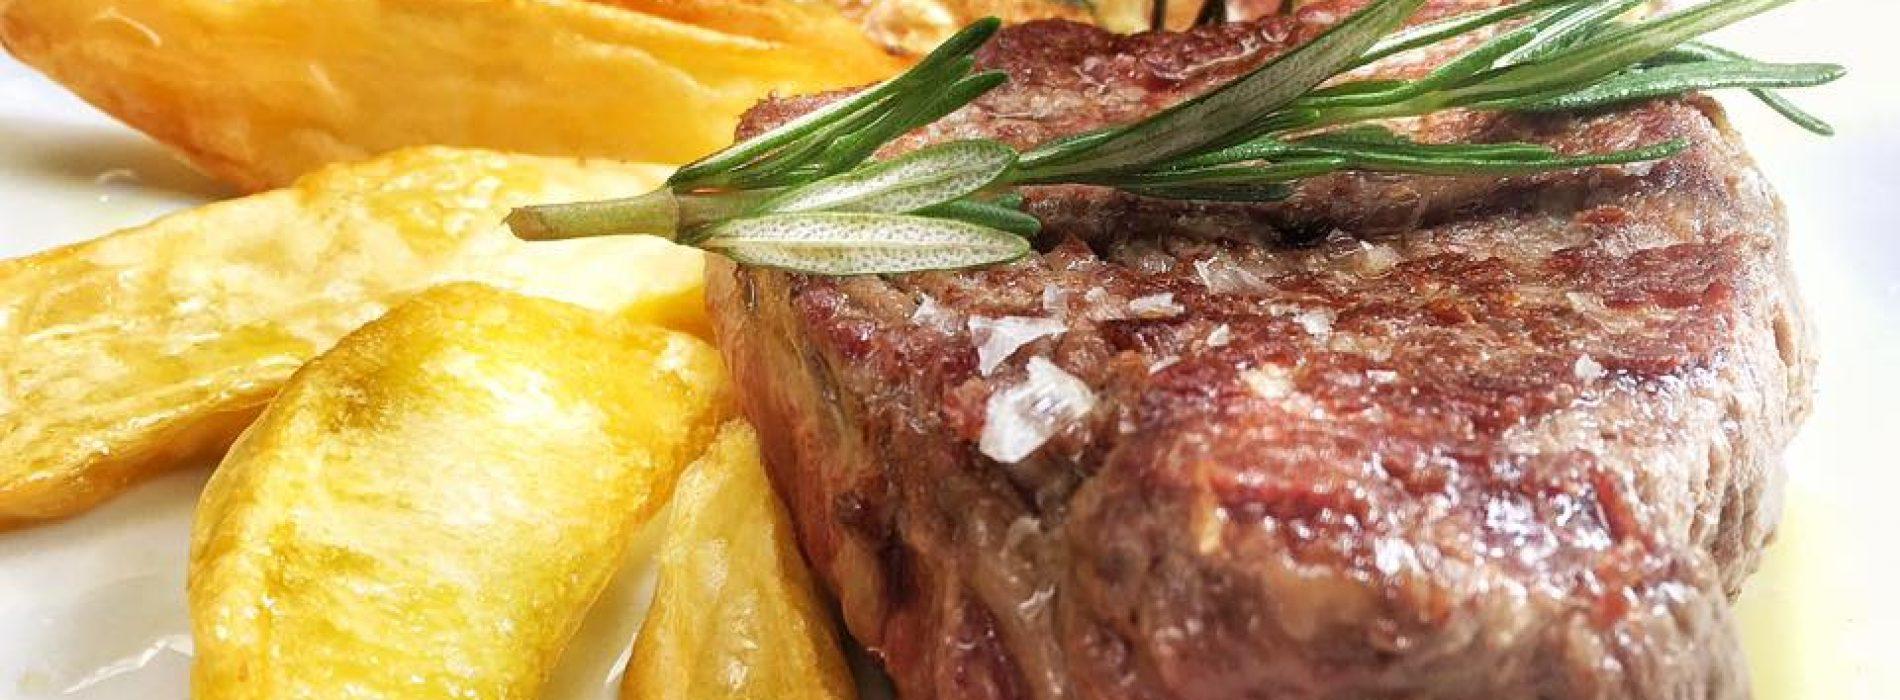 Pasqua e Pasquetta 2017 Roma: i migliori ristoranti per il pranzo e il brunch delle feste